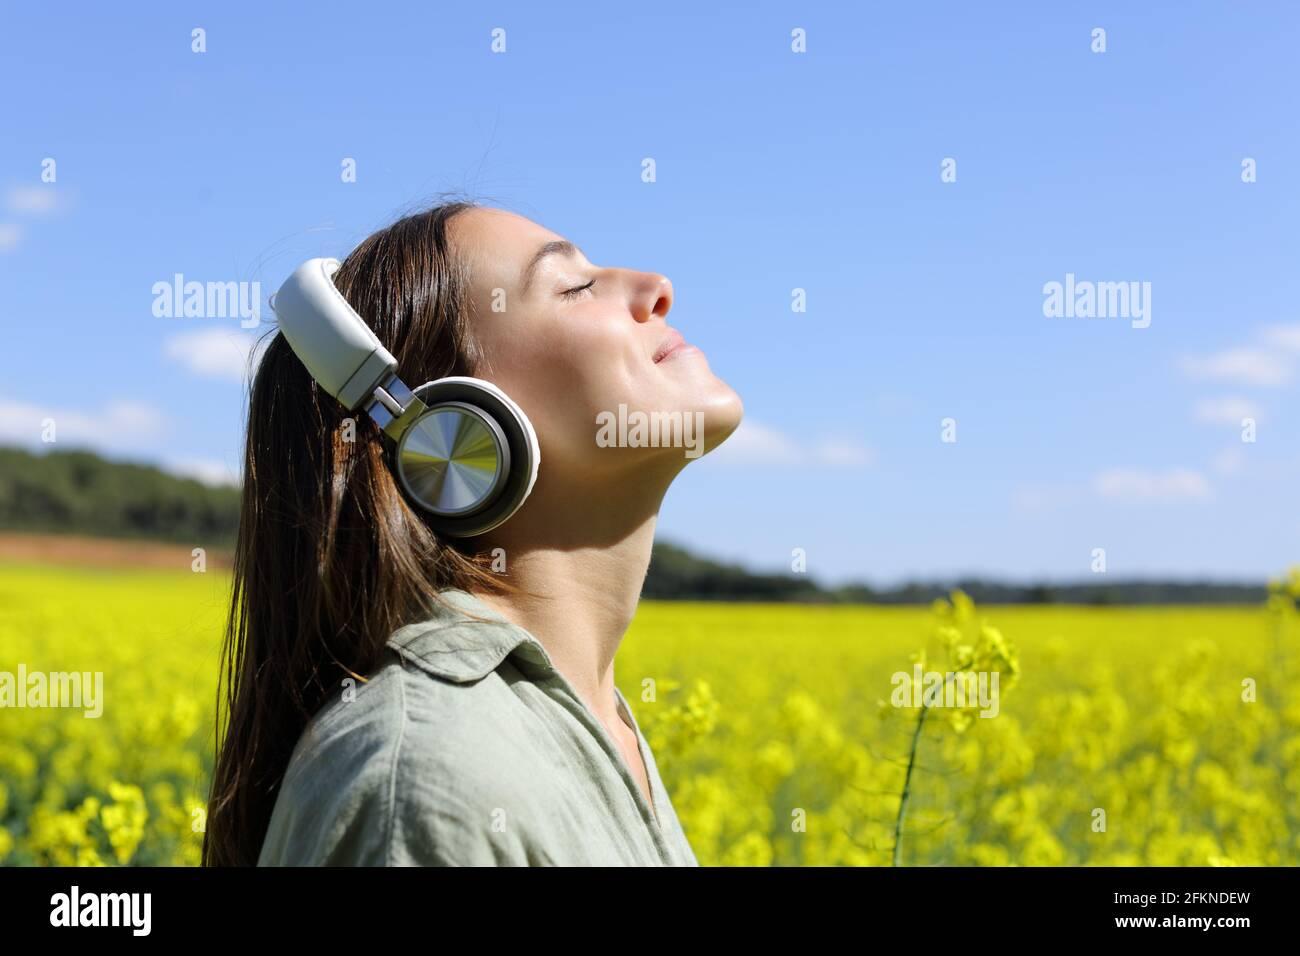 Portrait d'une femme heureuse méditant avec la technologie sans fil casque dans un champ jaune Banque D'Images